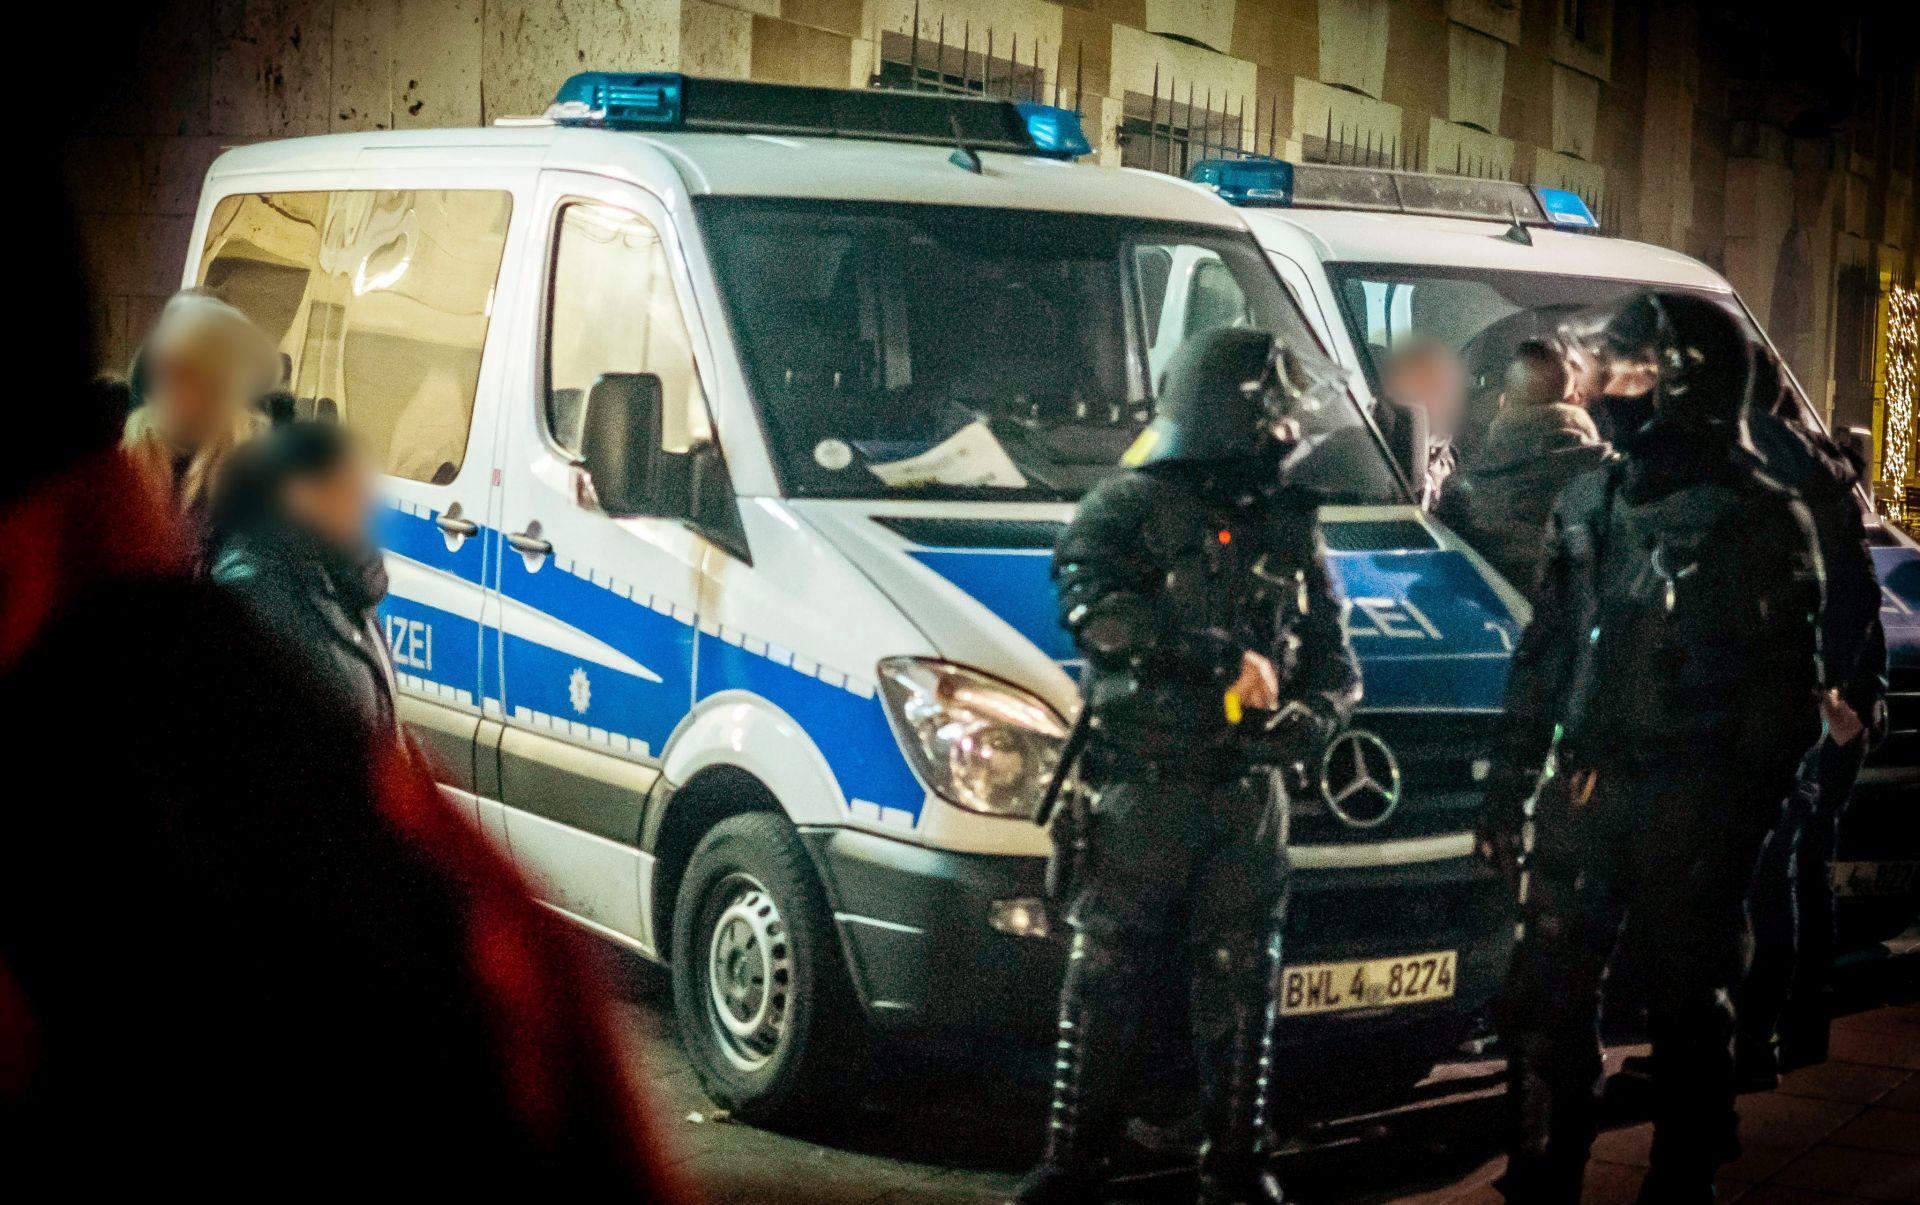 SEKSUALNI NAPADI: Prva uhićenja u Koelnu